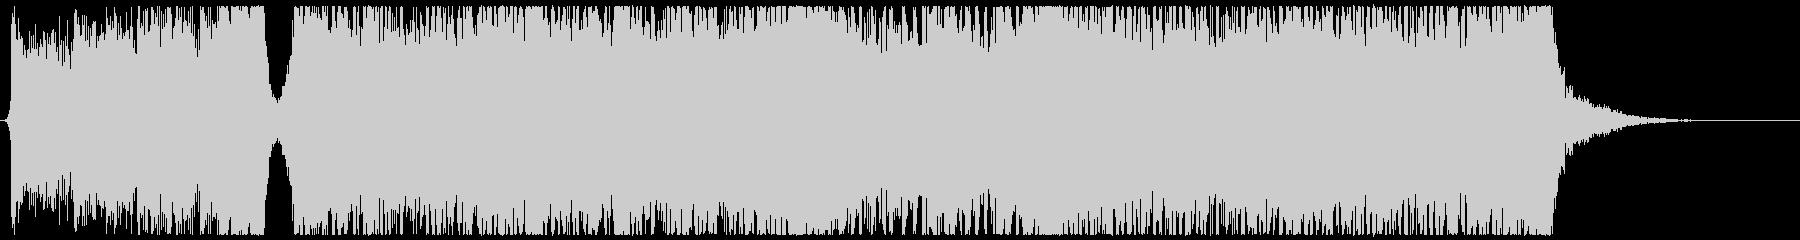 戦闘用BGM(epic music)の未再生の波形